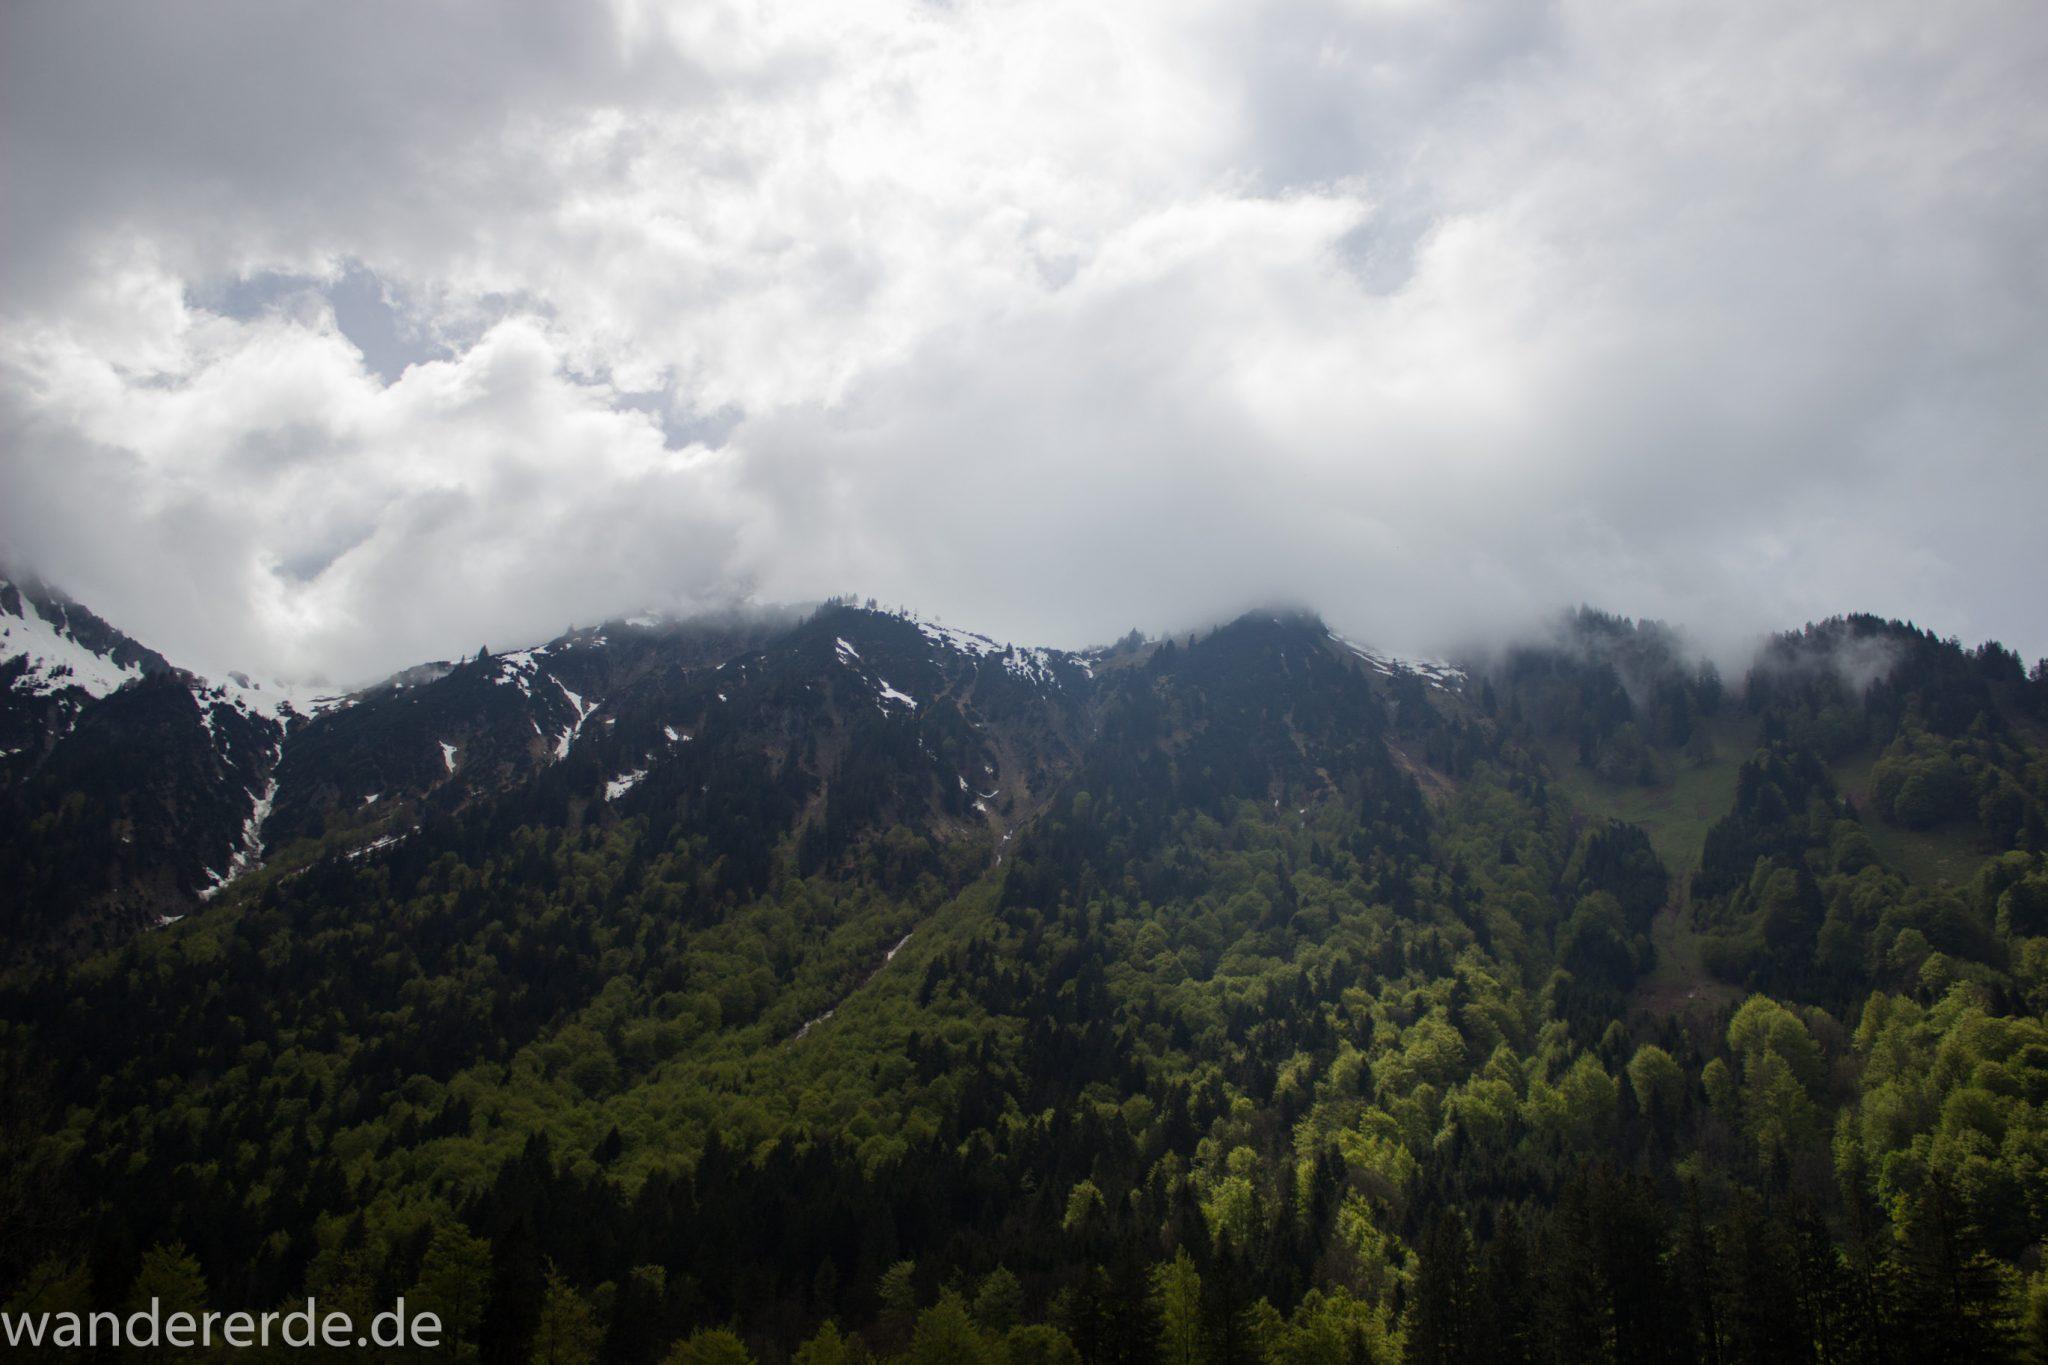 Wanderung Oberstdorf nach Gerstruben im Allgäu, Bayern, Wanderweg durch das Trettachtal, Aussicht auf schneebedeckte Berge, sattgrüne schöne Bäume, dichter Wald, Frühling in den Bergen